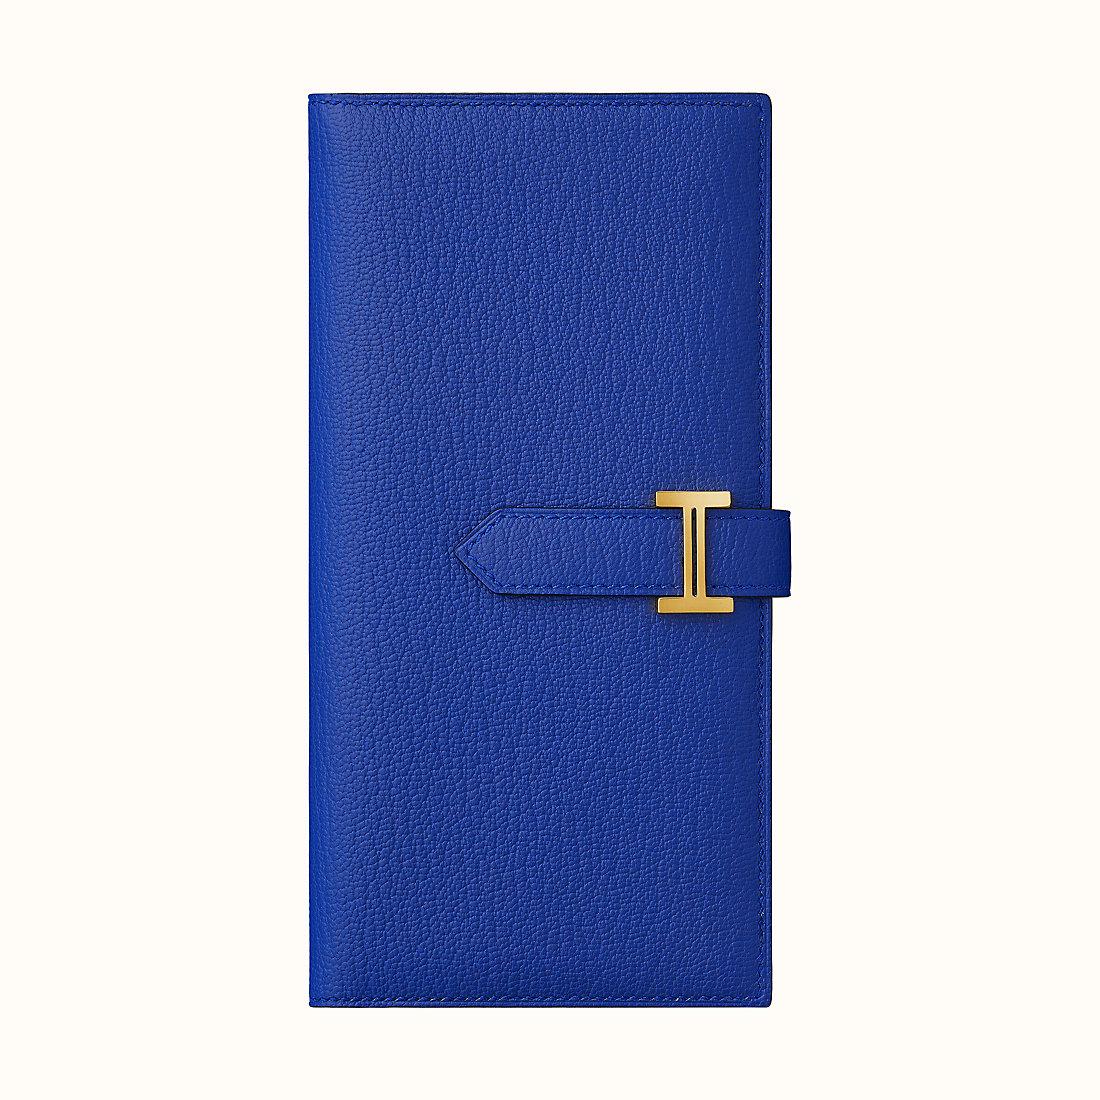 香港深水埗區愛馬仕錢包價格 Hermes Bearn wallet CC7T Bleu Électrique 山羊皮